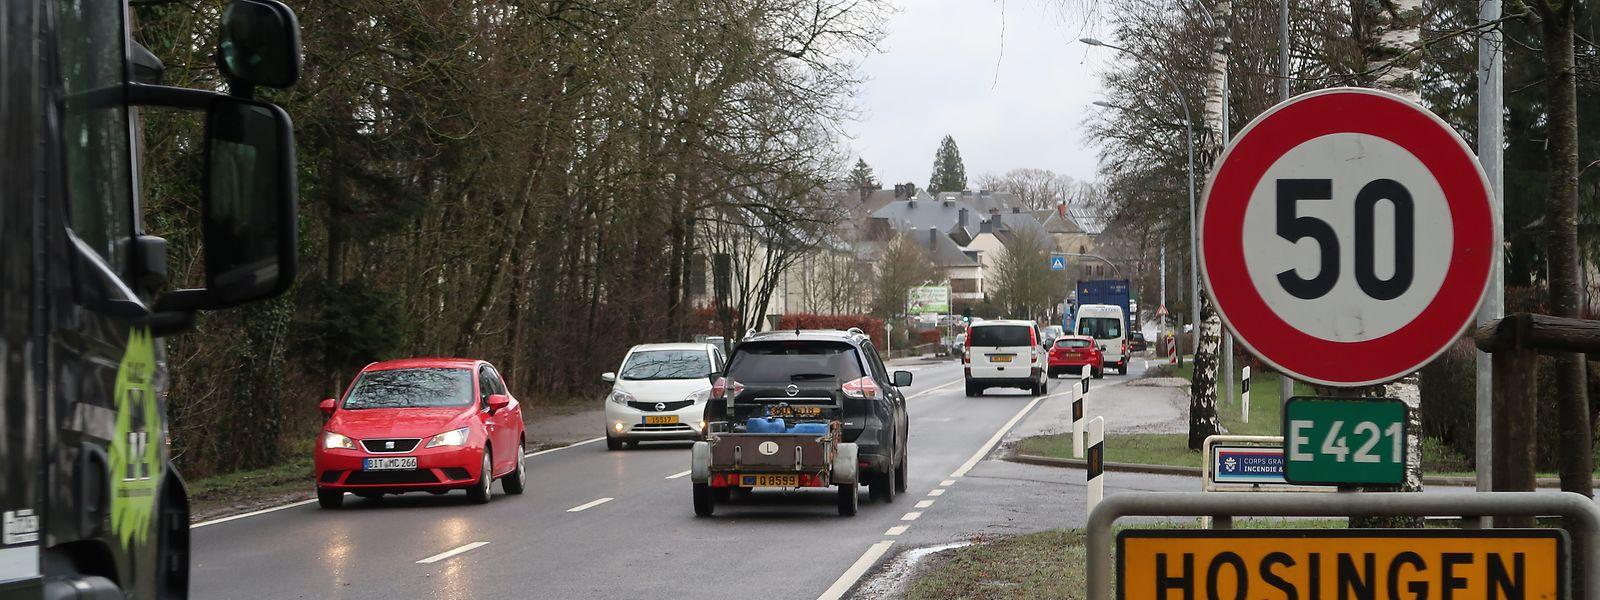 Nach der Inbetriebnahme der Umgehungsstraße wird die Ortsdurchfahrt von Hosingen, wo täglich rund 20.000 Fahrzeuge passieren, zurückgebaut. Auch wird eine Fahrradpiste angelegt und eine Geschwindigkeitsbegrenzung von 30 Kilometern pro Stunde eingeführt.